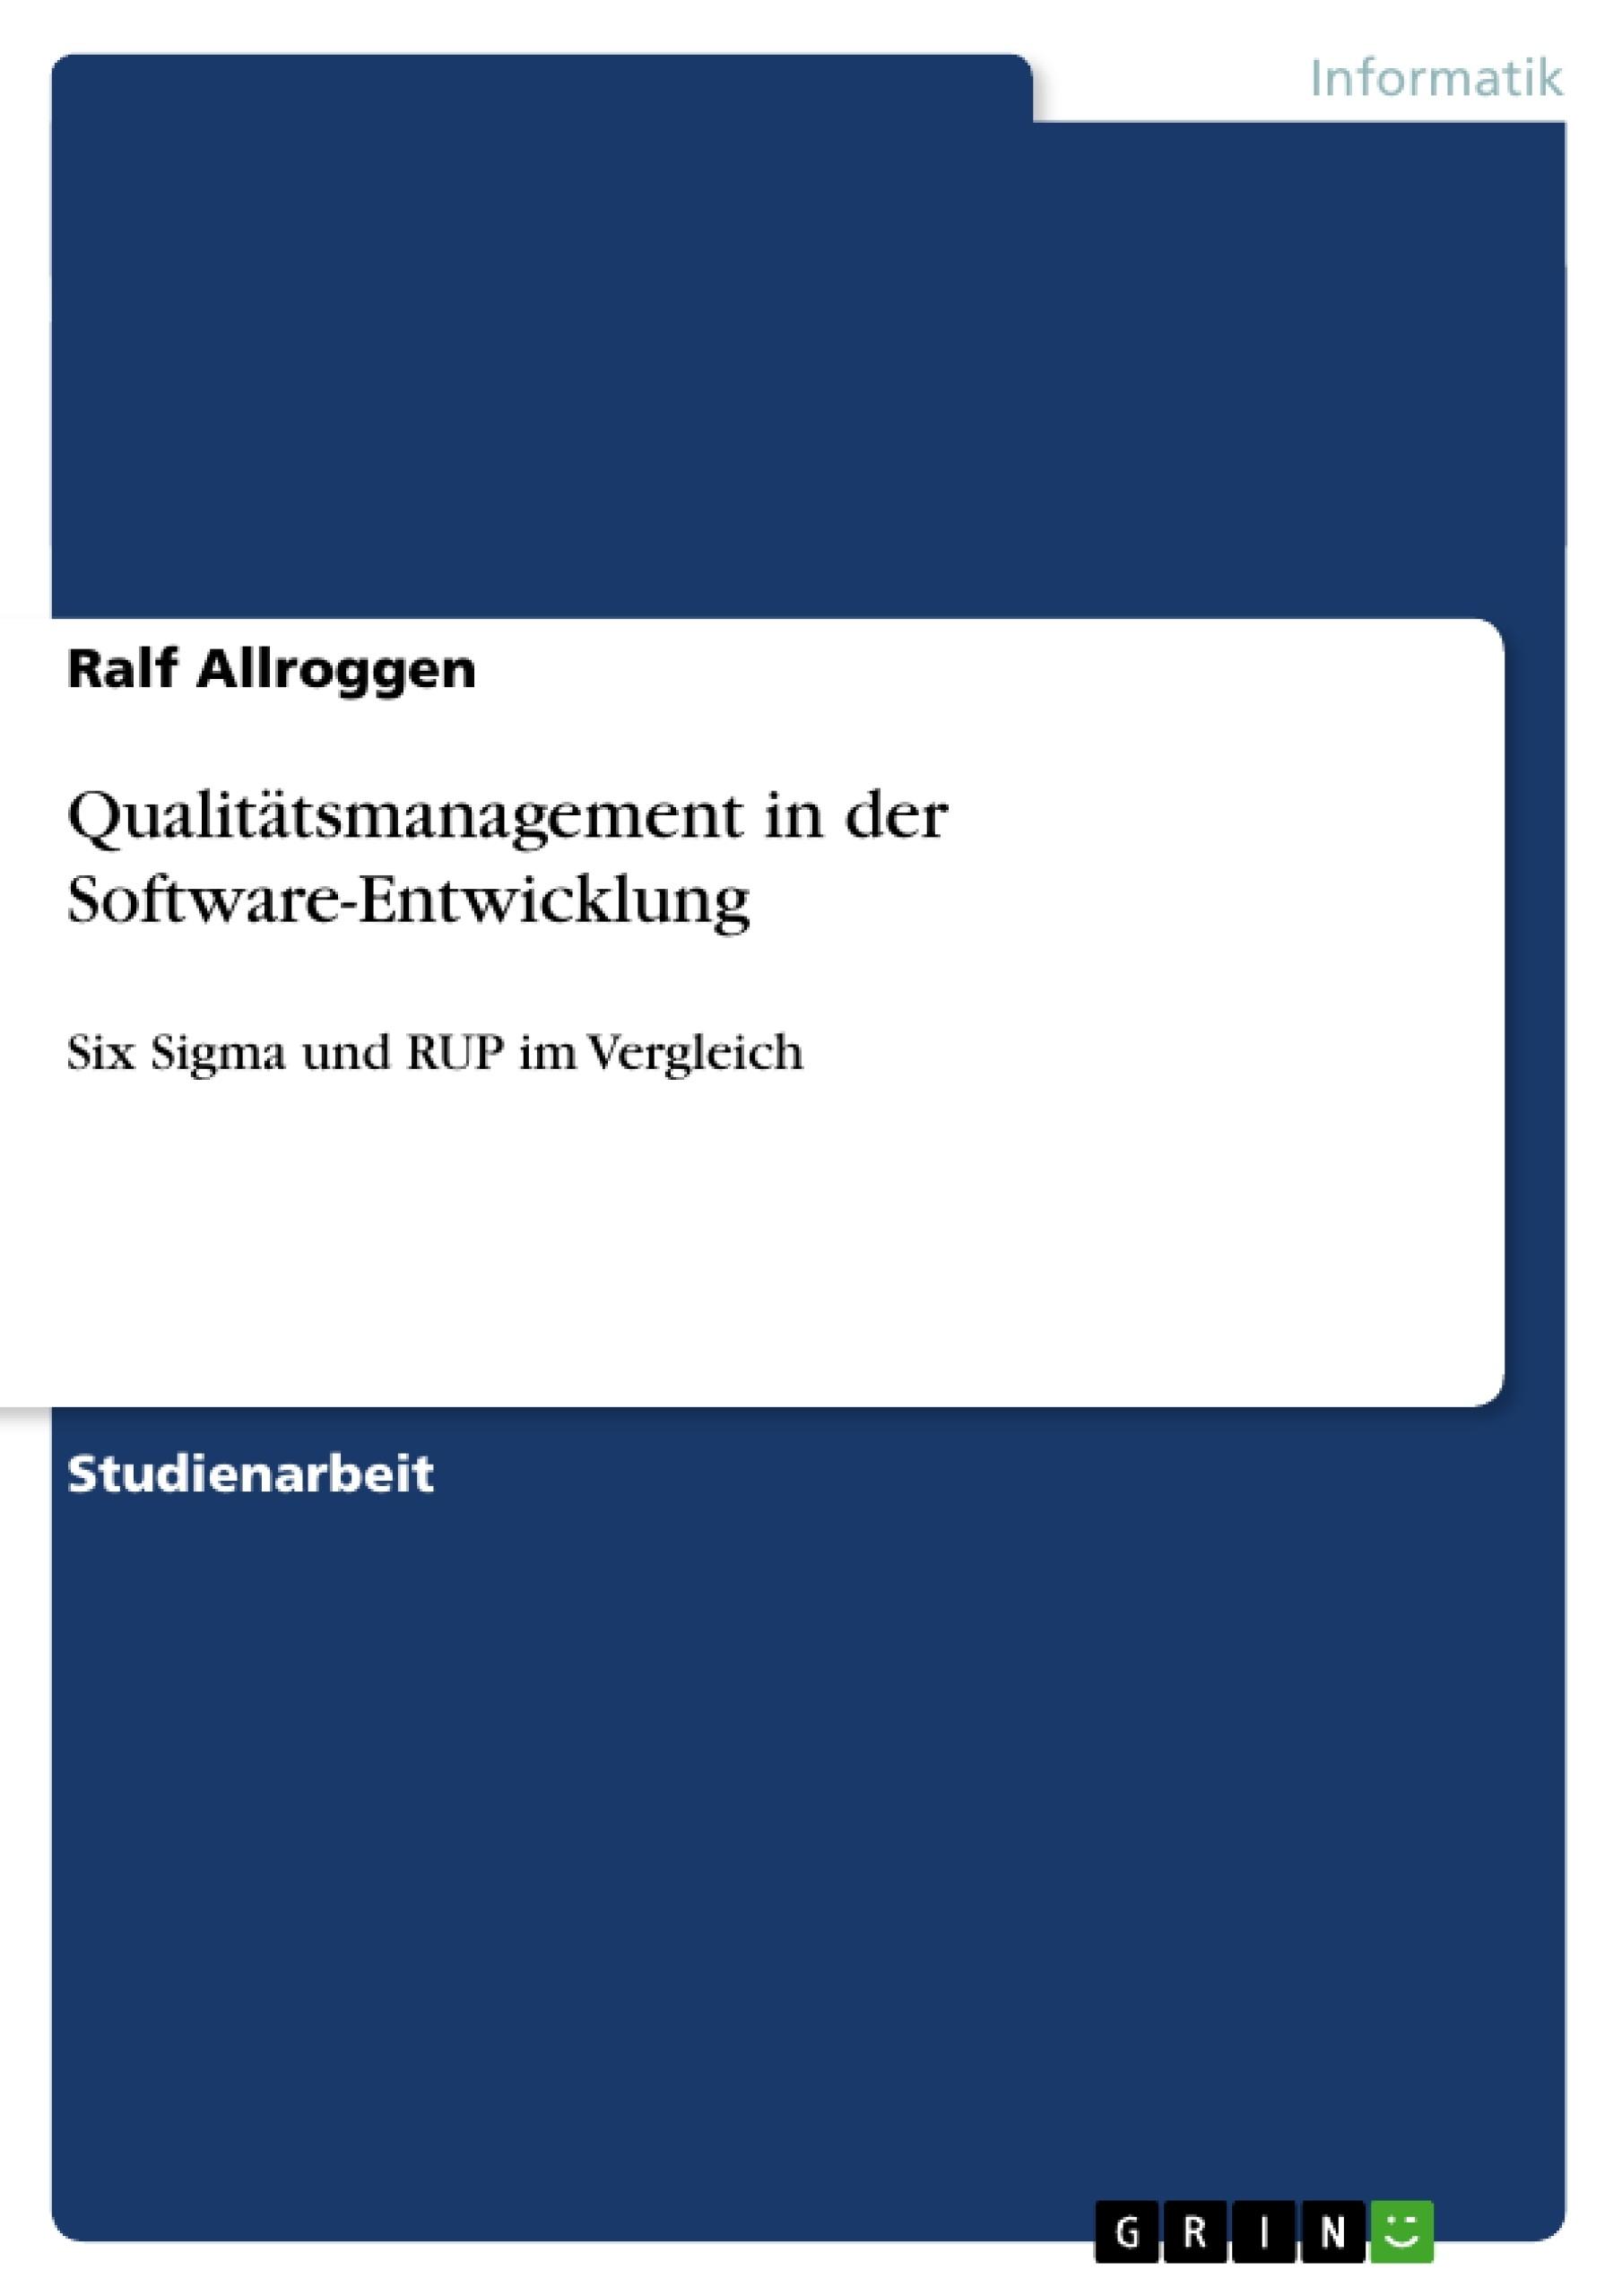 Titel: Qualitätsmanagement in der Software-Entwicklung